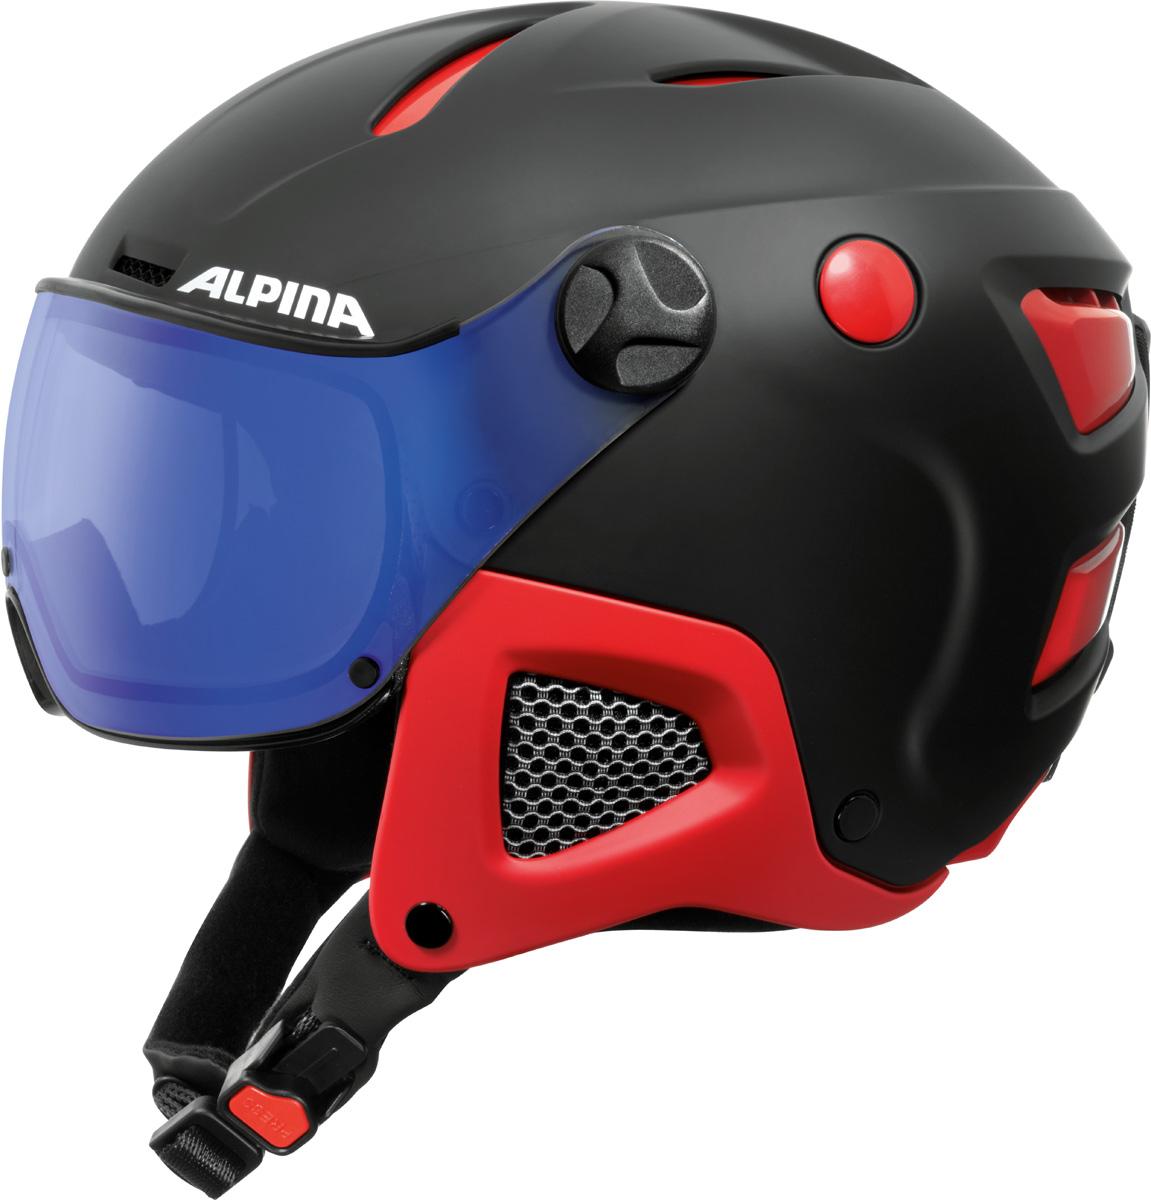 Шлем горнолыжный Alpina Attelas Visor VHM, цвет: черный, красный. A9091_32. Размер 58-62A9091_32Первый шлем, который может менять свой объем! Запатентованная ERGO3-это новая и уникальная технология которая позволяет изменять конструкцию шлемадля изменения объема. Простая и интуитивная настройка позволяет идеально подогнать размер под любую формы головы. Жесткие уши,качественная кожа иткань - интерьер этого жесткого шлема также обеспечит идеально высокий уровень комфорта износ. Ткань Coolmax® обеспечивает быстрый отвод влаги. Вентиляцию можно раскрыть или закрыть одним движением -даже во время ношения перчаток и во время высокоскоростных спусков. Varioflex - технология позволяет визору адаптировать свой оттенок к преобладающие условия освещения. Визор имеет вентиляцию - без подкладки пены внизу,что позволяет носить очкивнутри шлема. Уровень защиты Визора: S1-2.